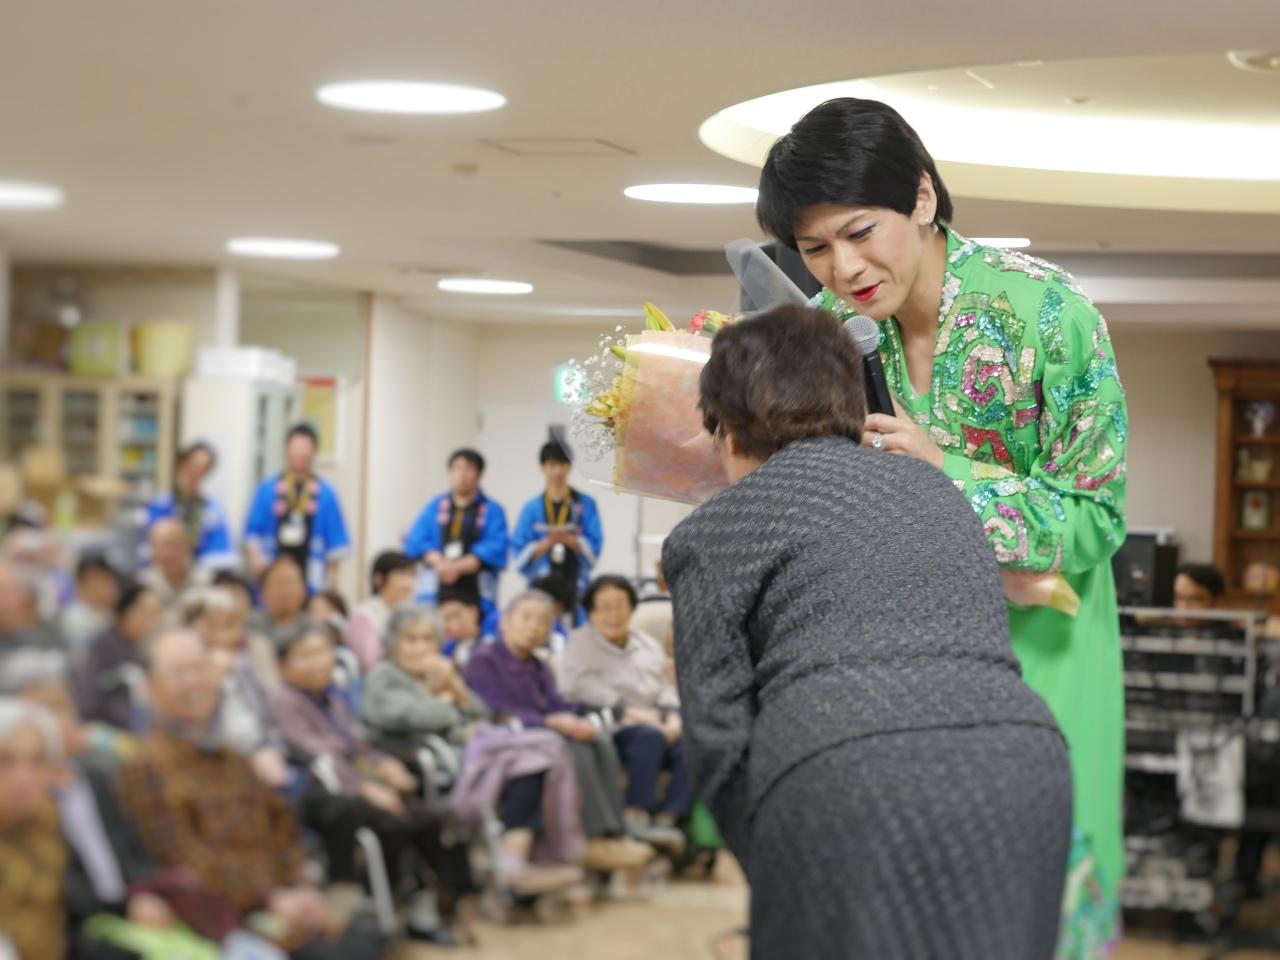 最高齢は103歳!そのまんま美川のステージでご高齢者の皆様に笑顔をお届け